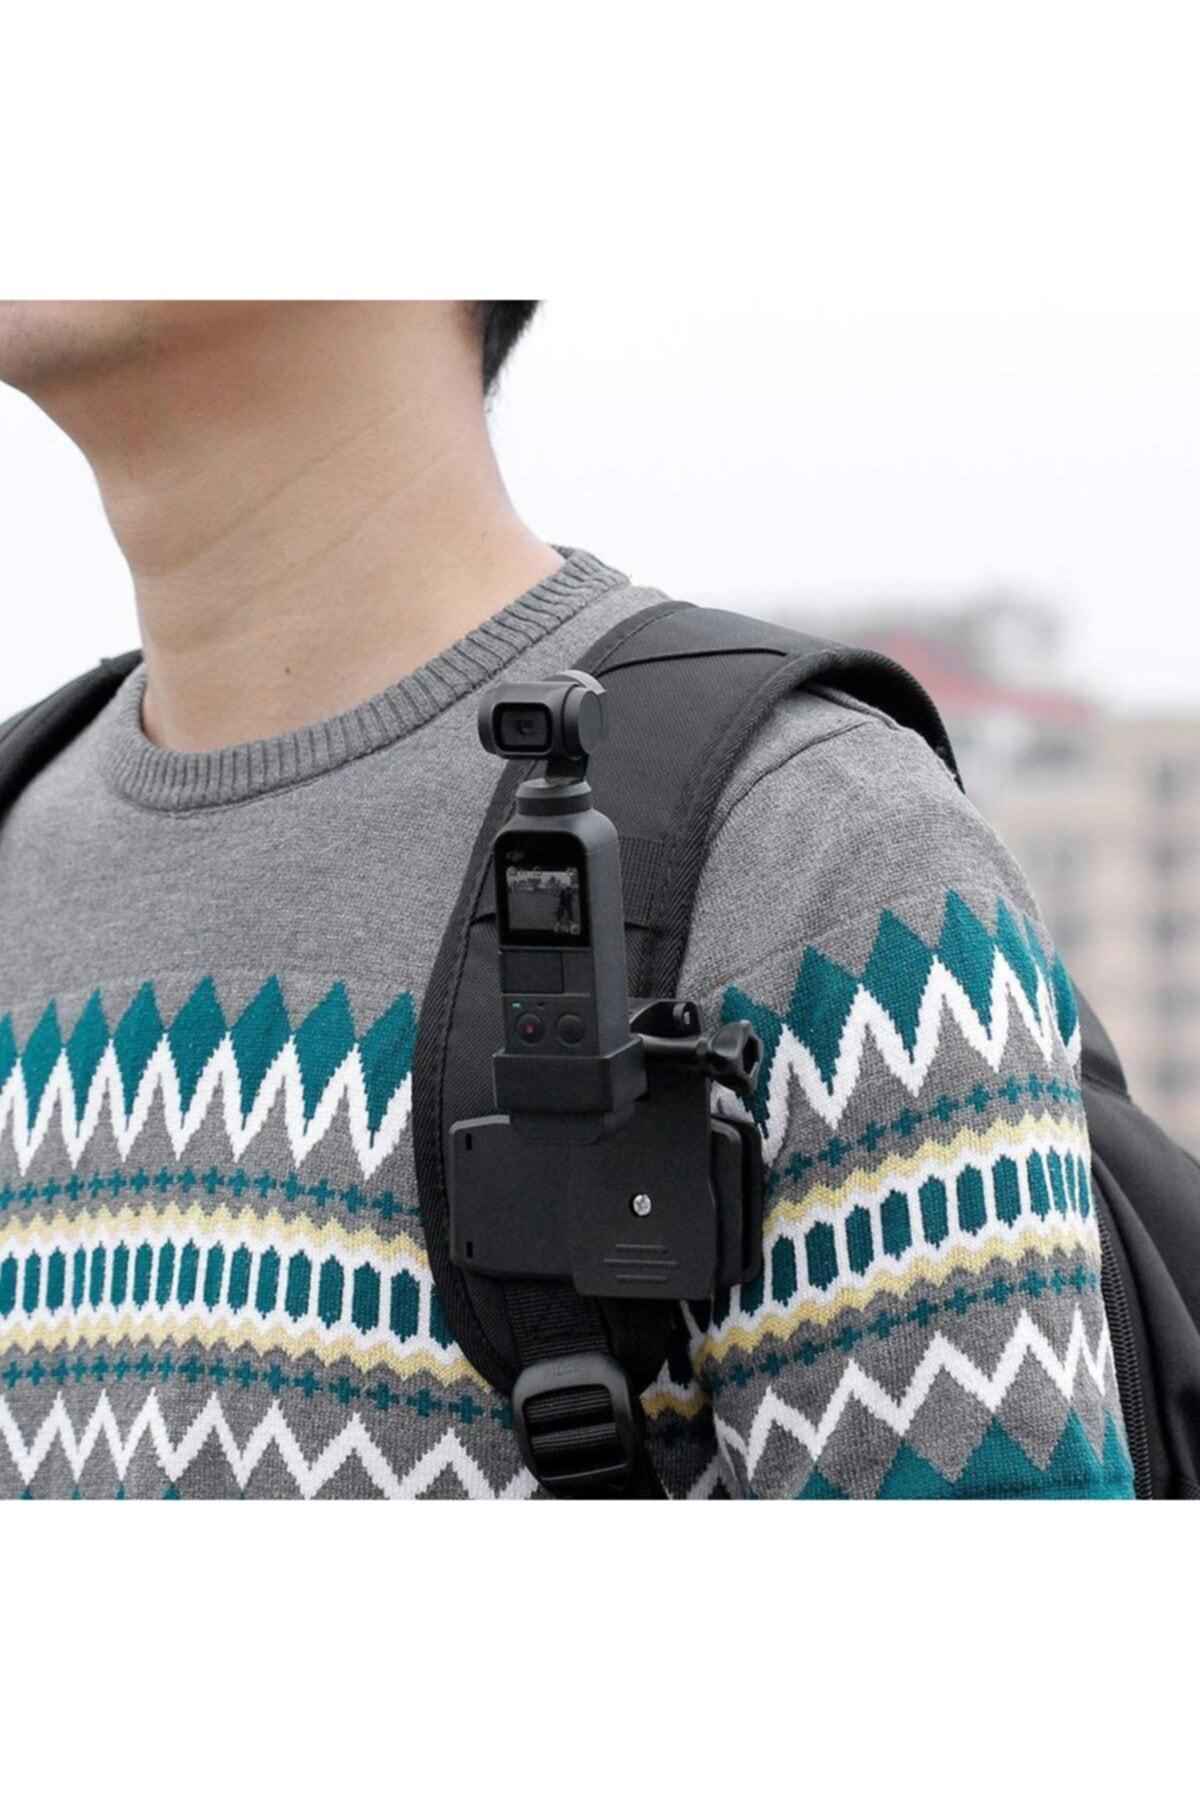 ulanzi Op-3 Dji Osmo Pocket Bağlantı Aparatı Frame